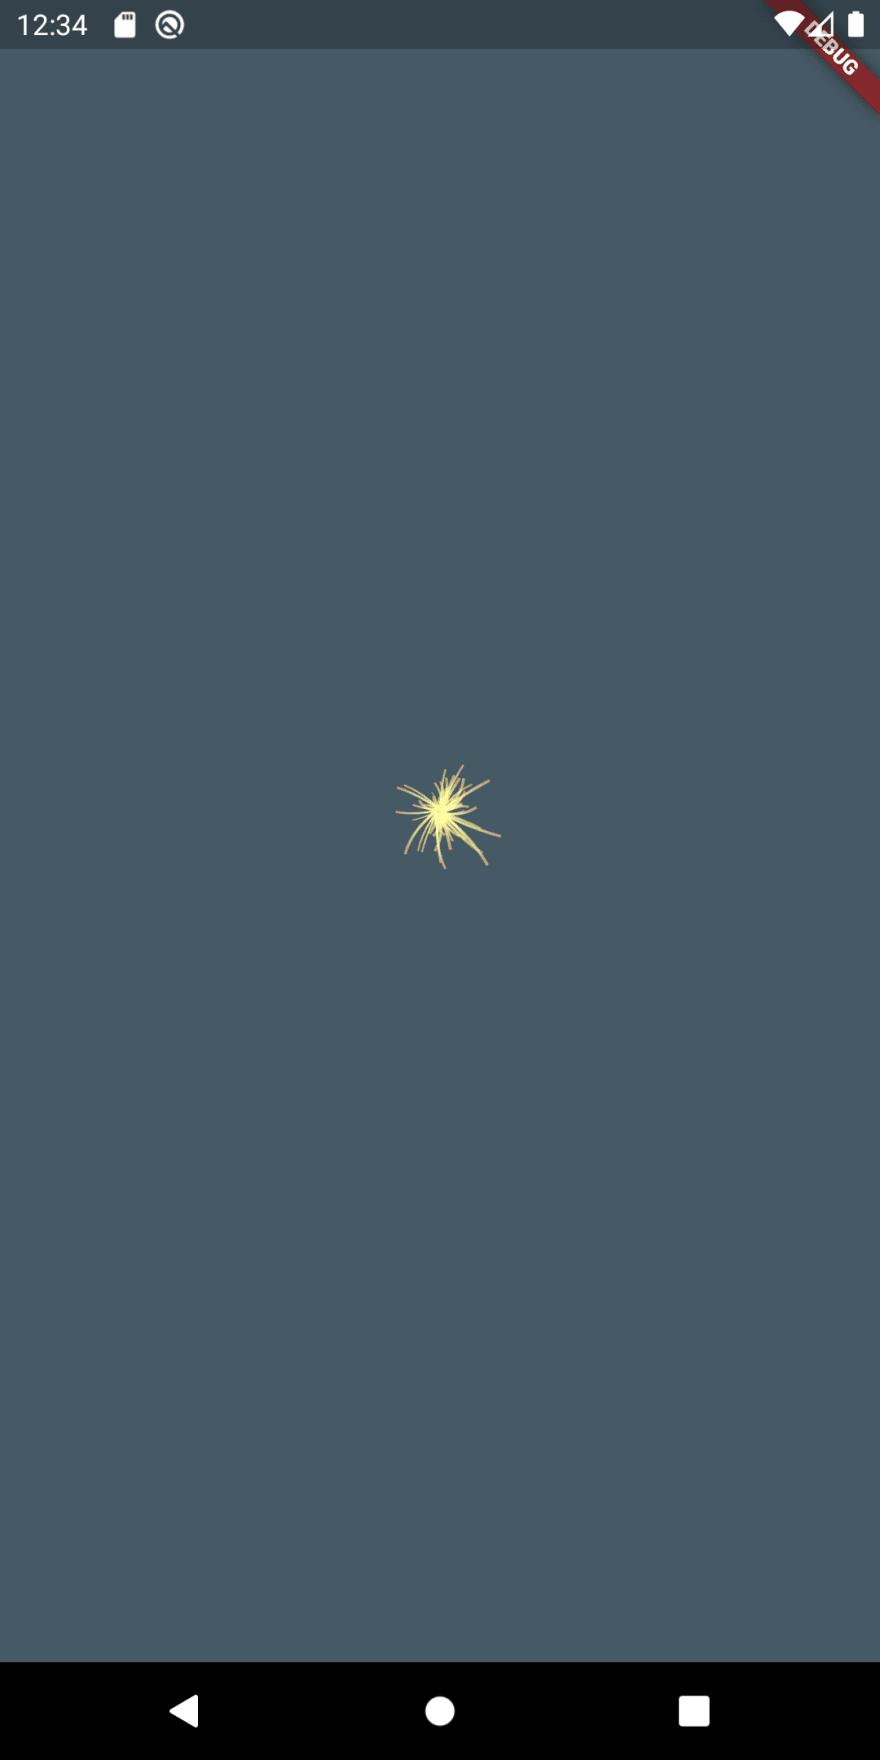 Flutter sparkler iteration 3